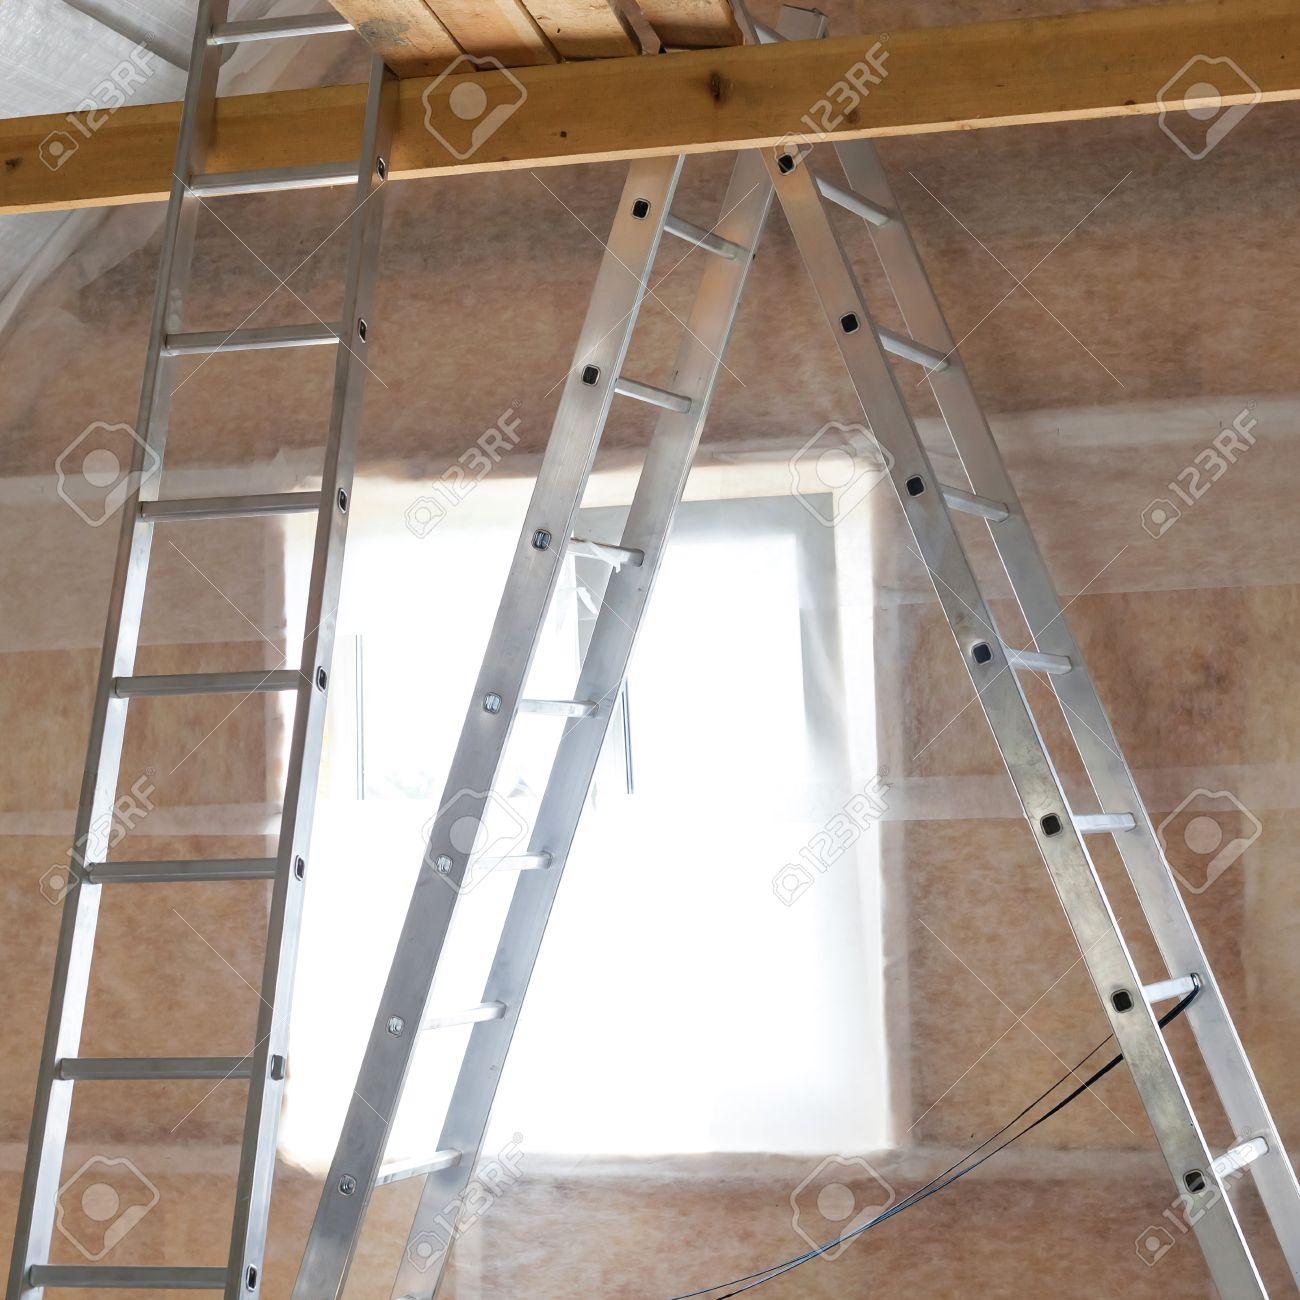 Innendammung Der Wand In Holzhaus Gebaude Im Bau Lizenzfreie Fotos